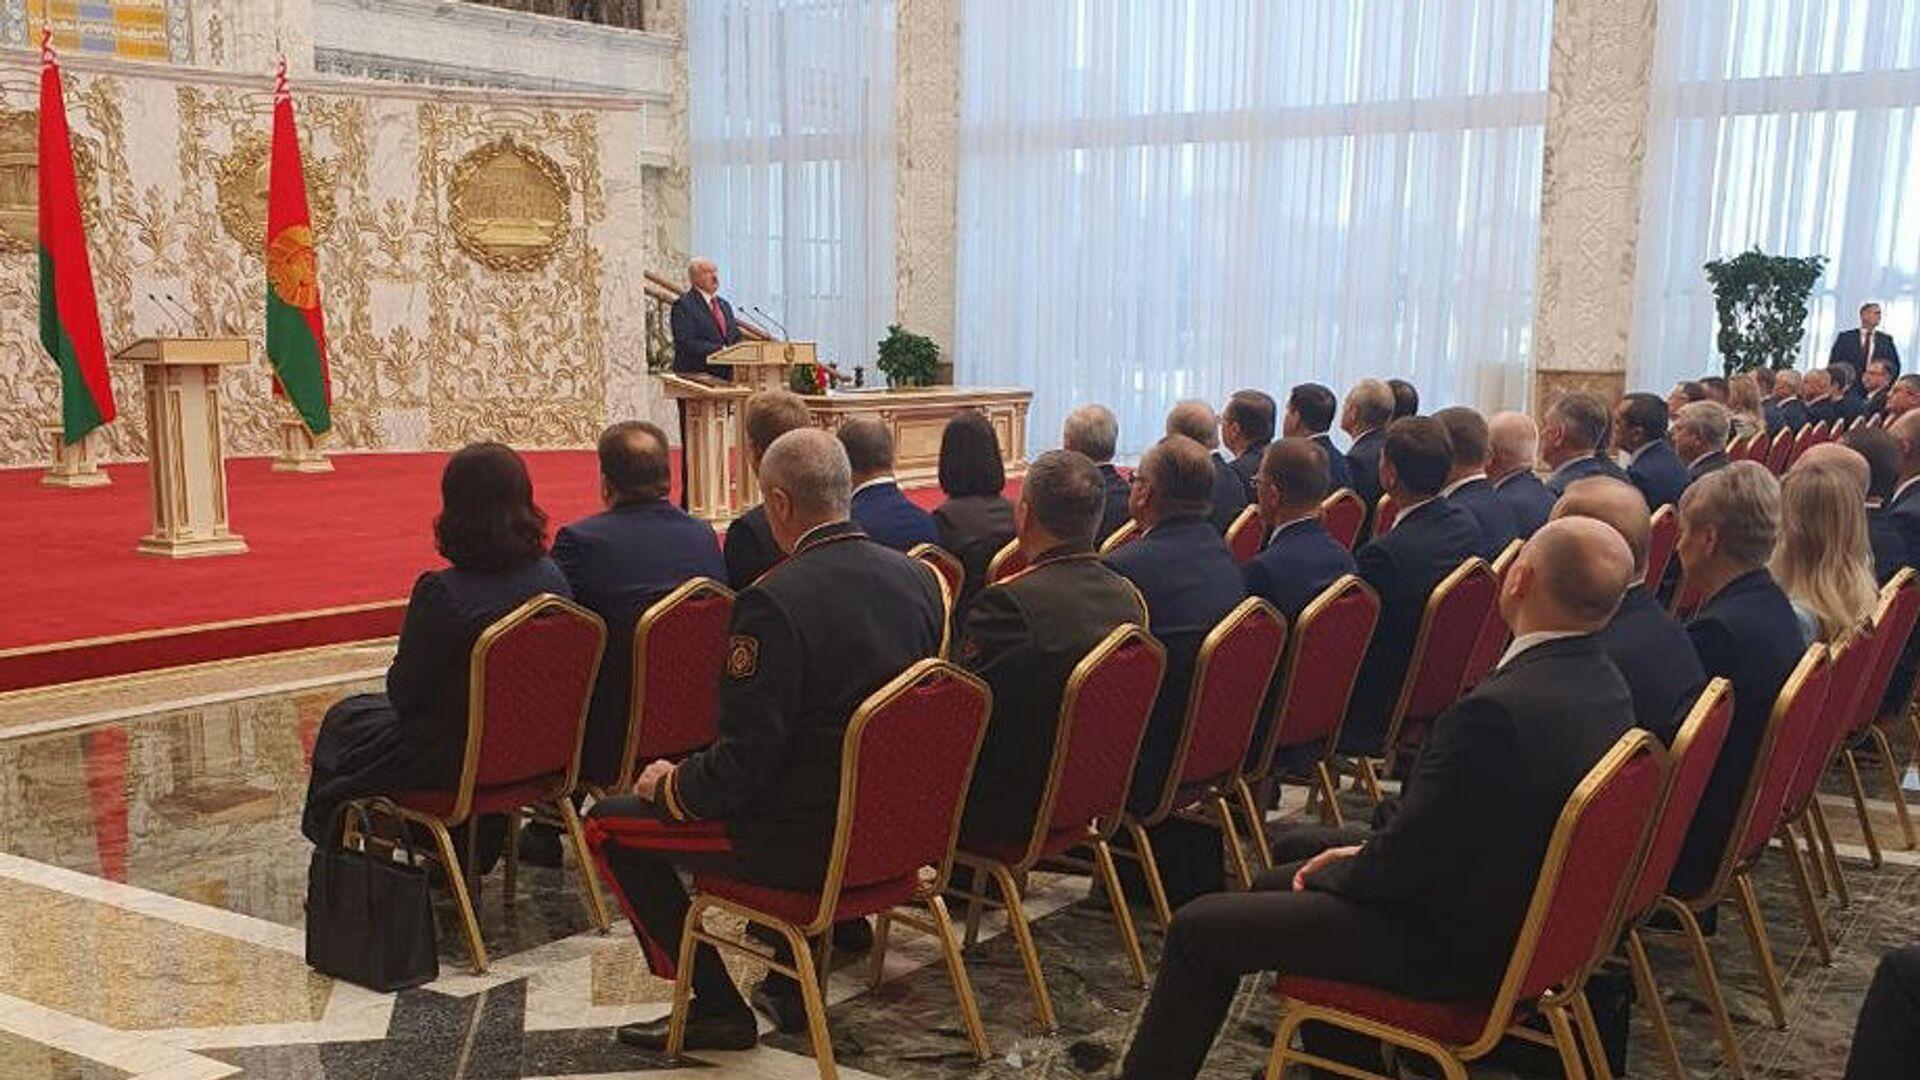 Церемония инаугурации Александра Лукашенко - РИА Новости, 1920, 23.09.2020